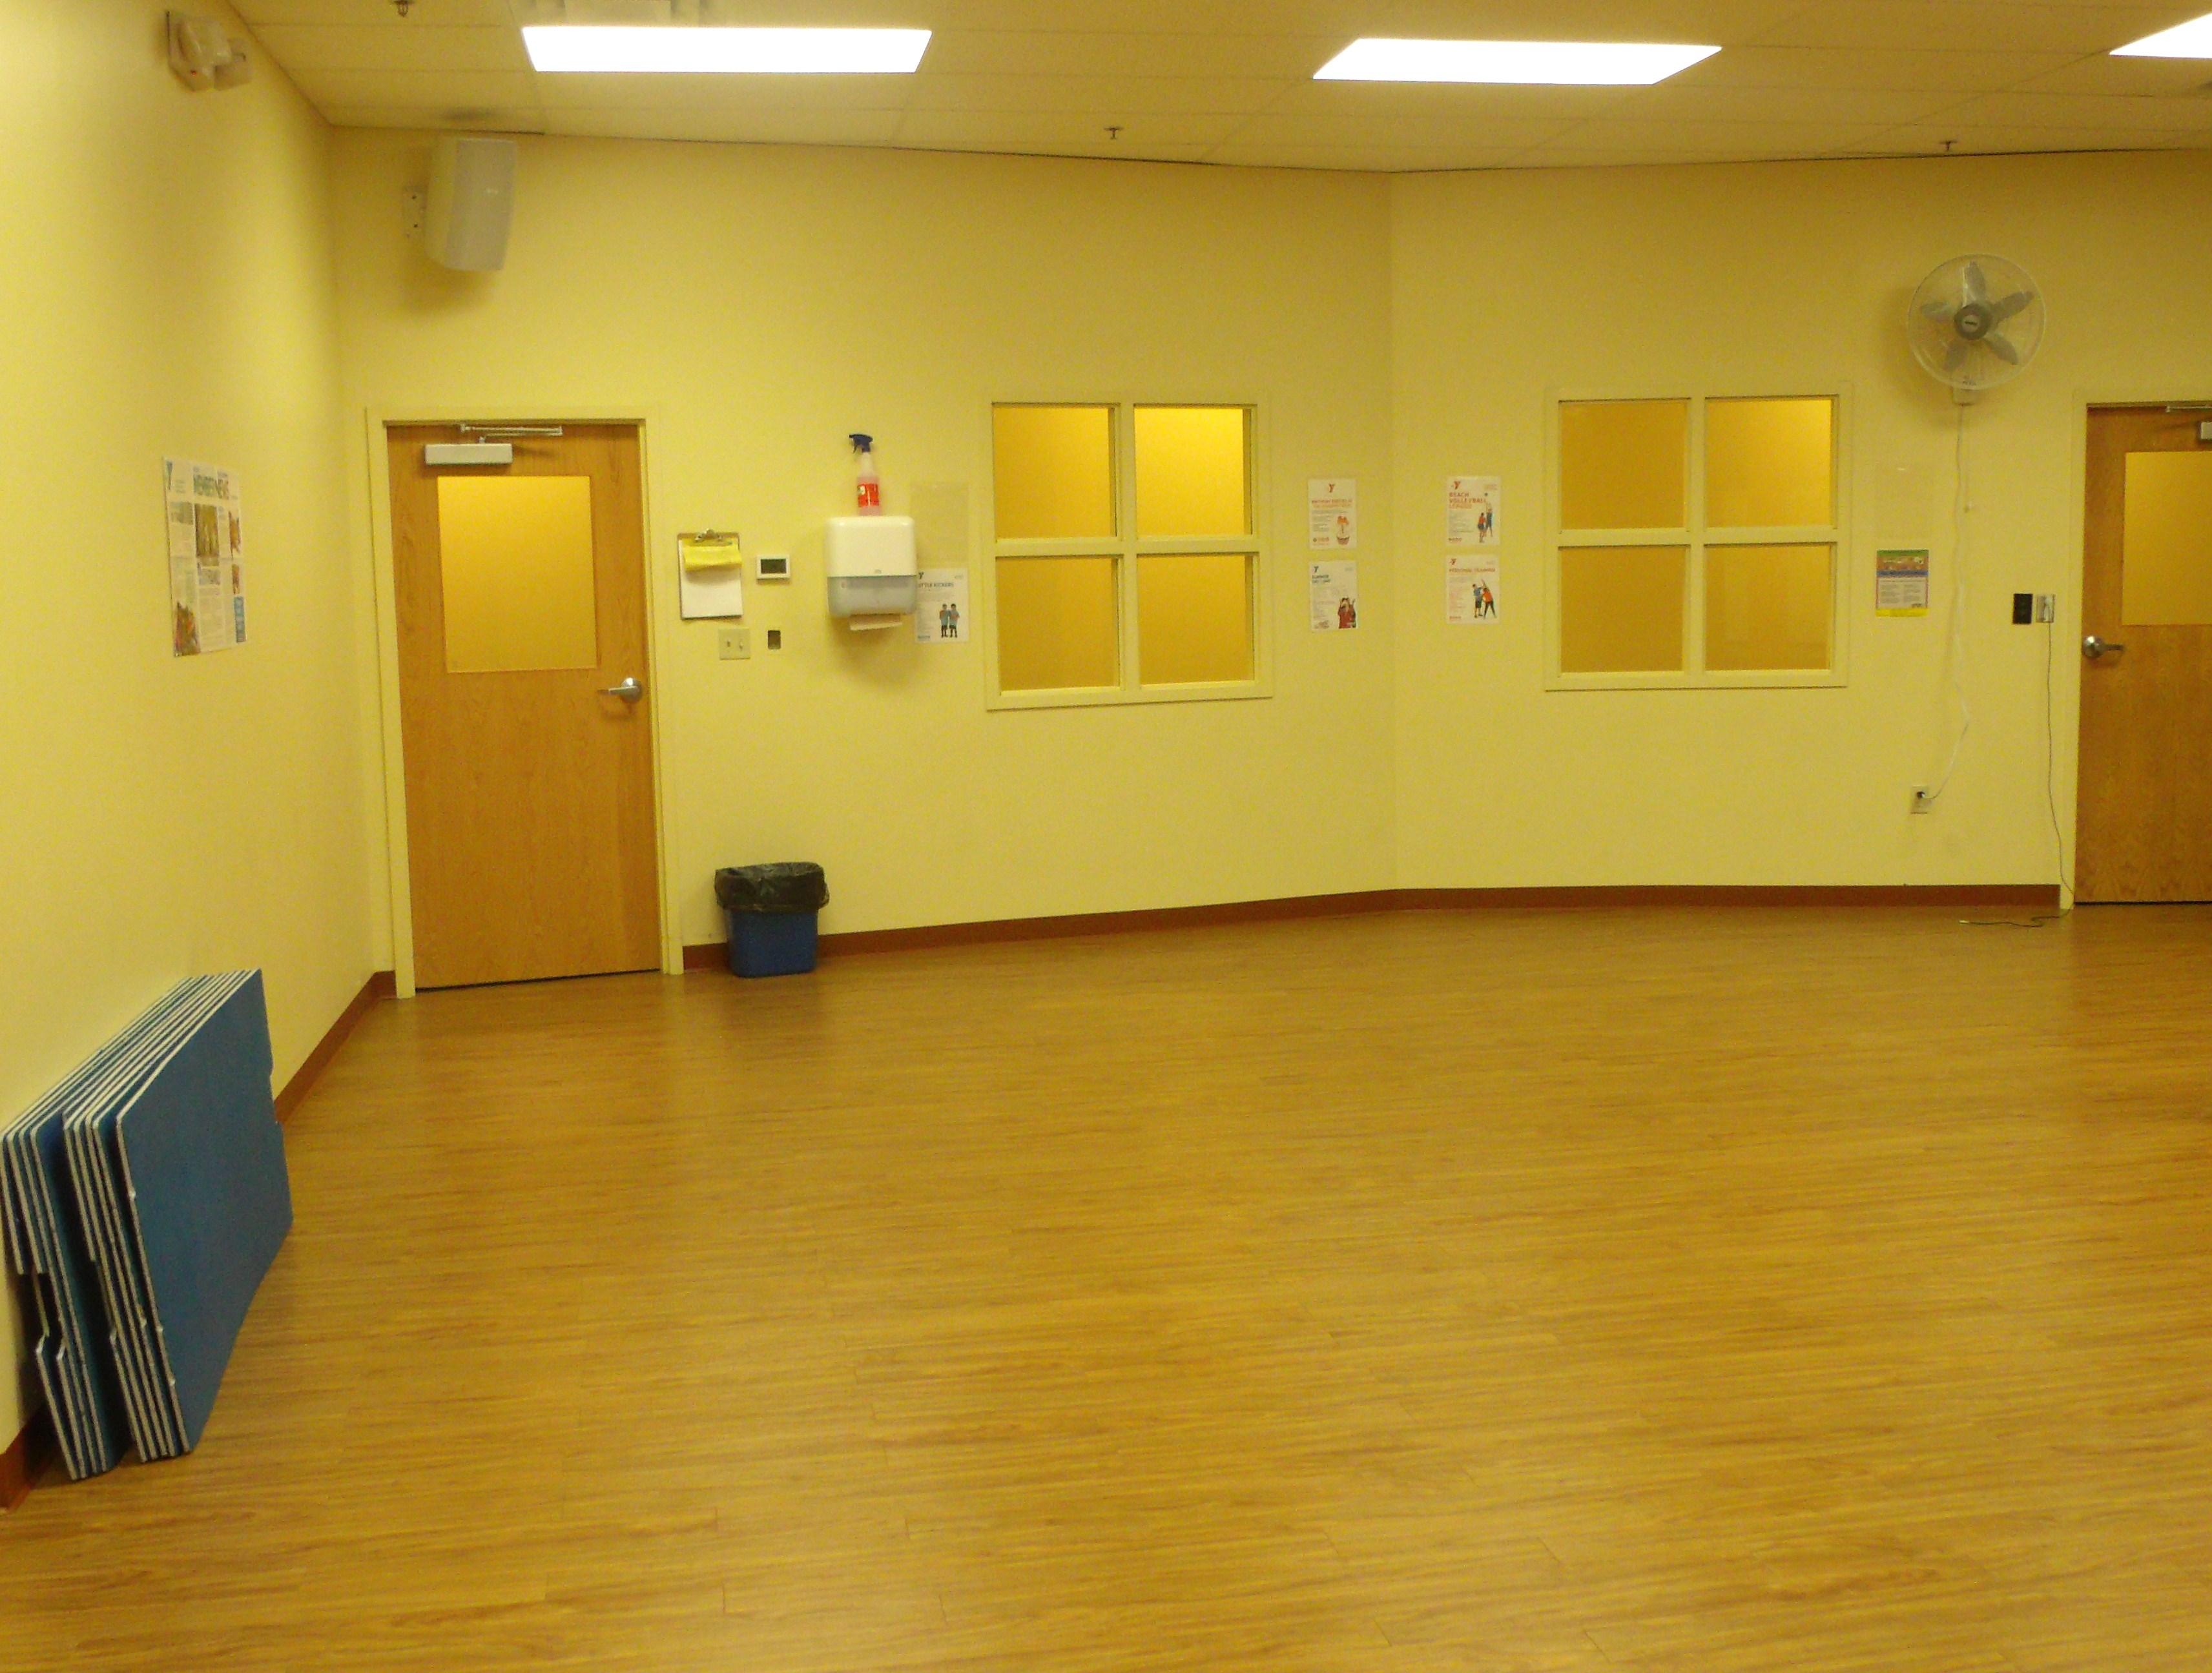 Agawam, MA YMCA interior 5